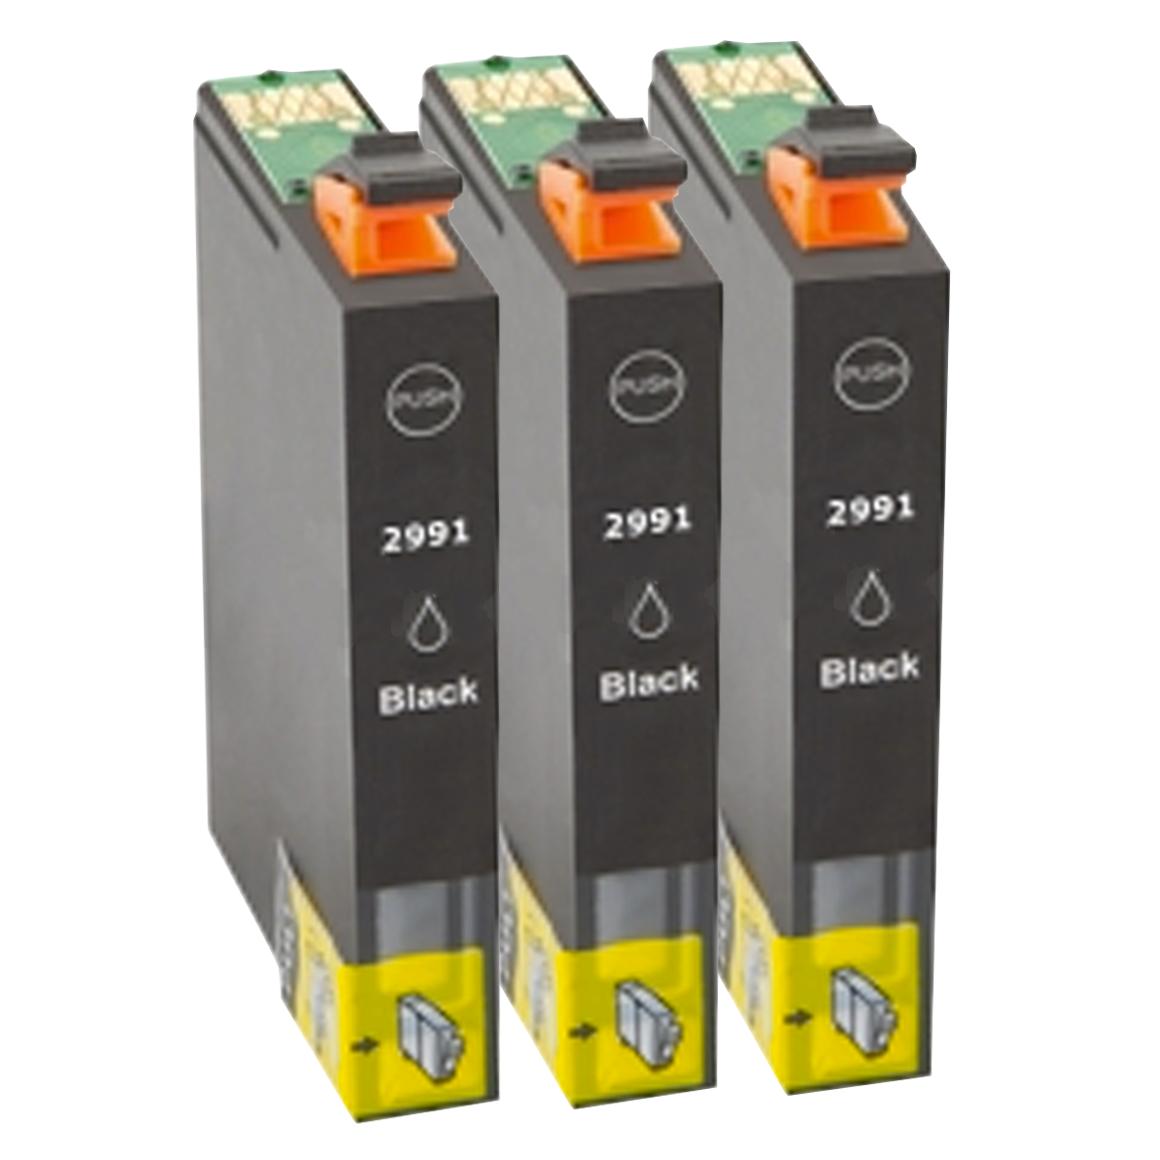 Afbeelding van 3x Epson 29XL (T2991) zwart hoge capaciteit (huismerk inktcartridges)